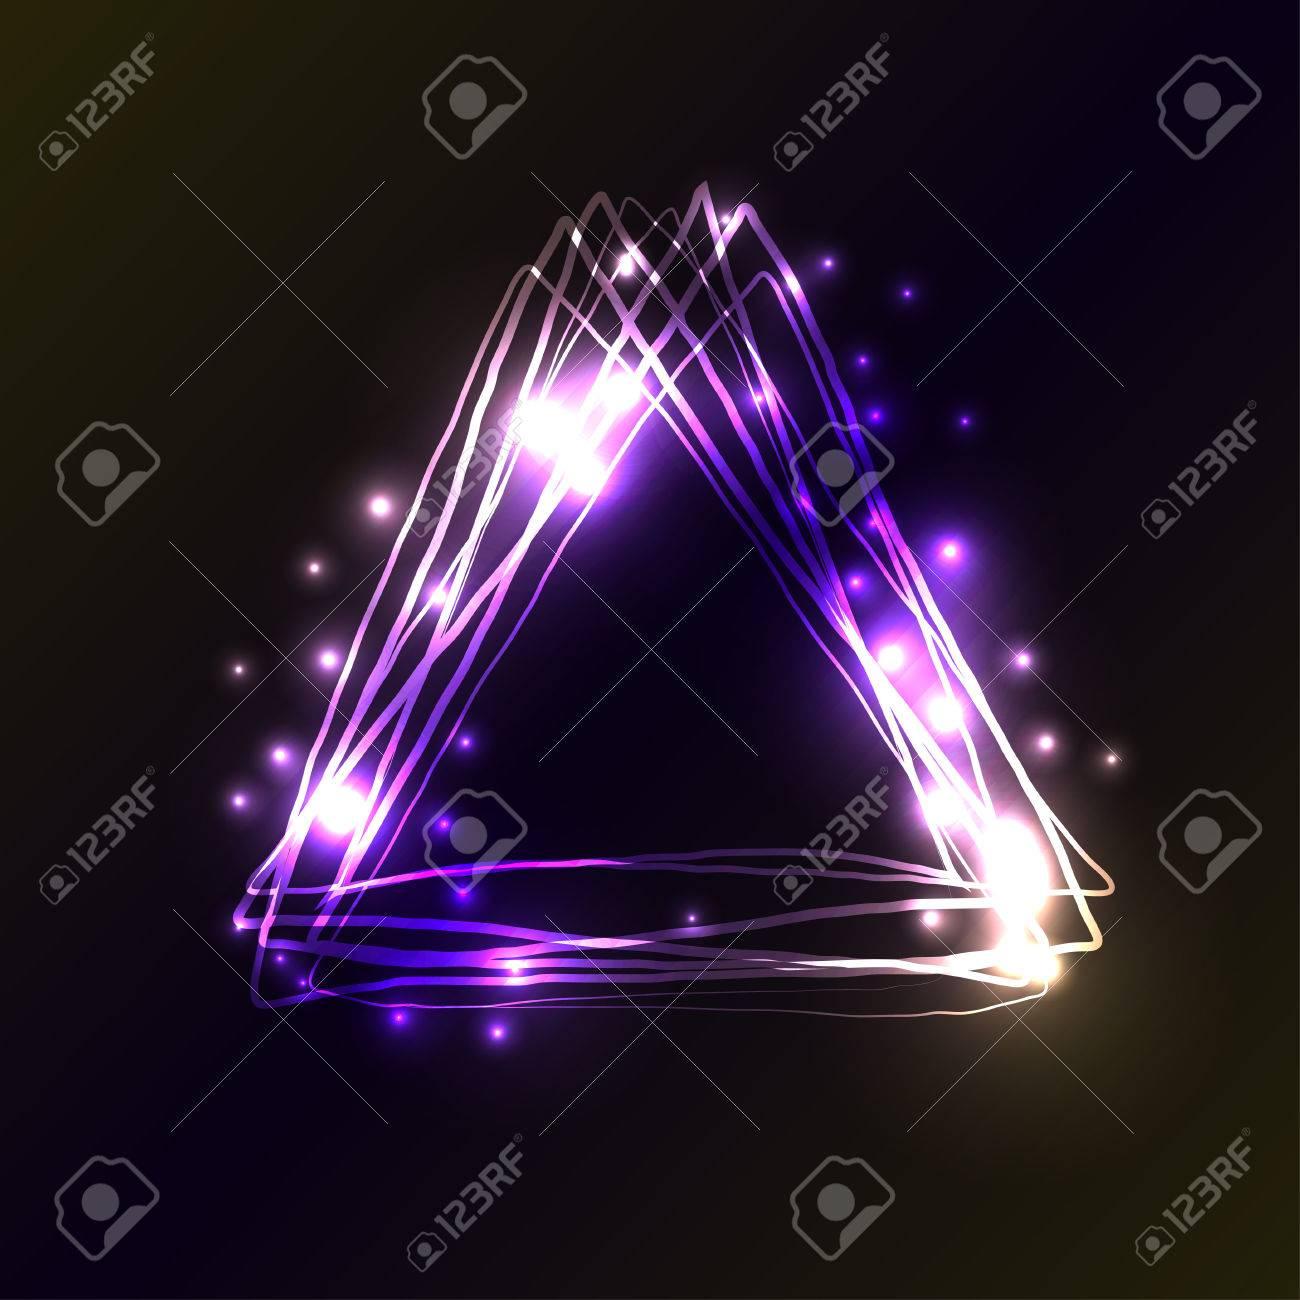 Violeta Y Azul Los Colores De Neón Del Triángulo De Fondo. Marco ...